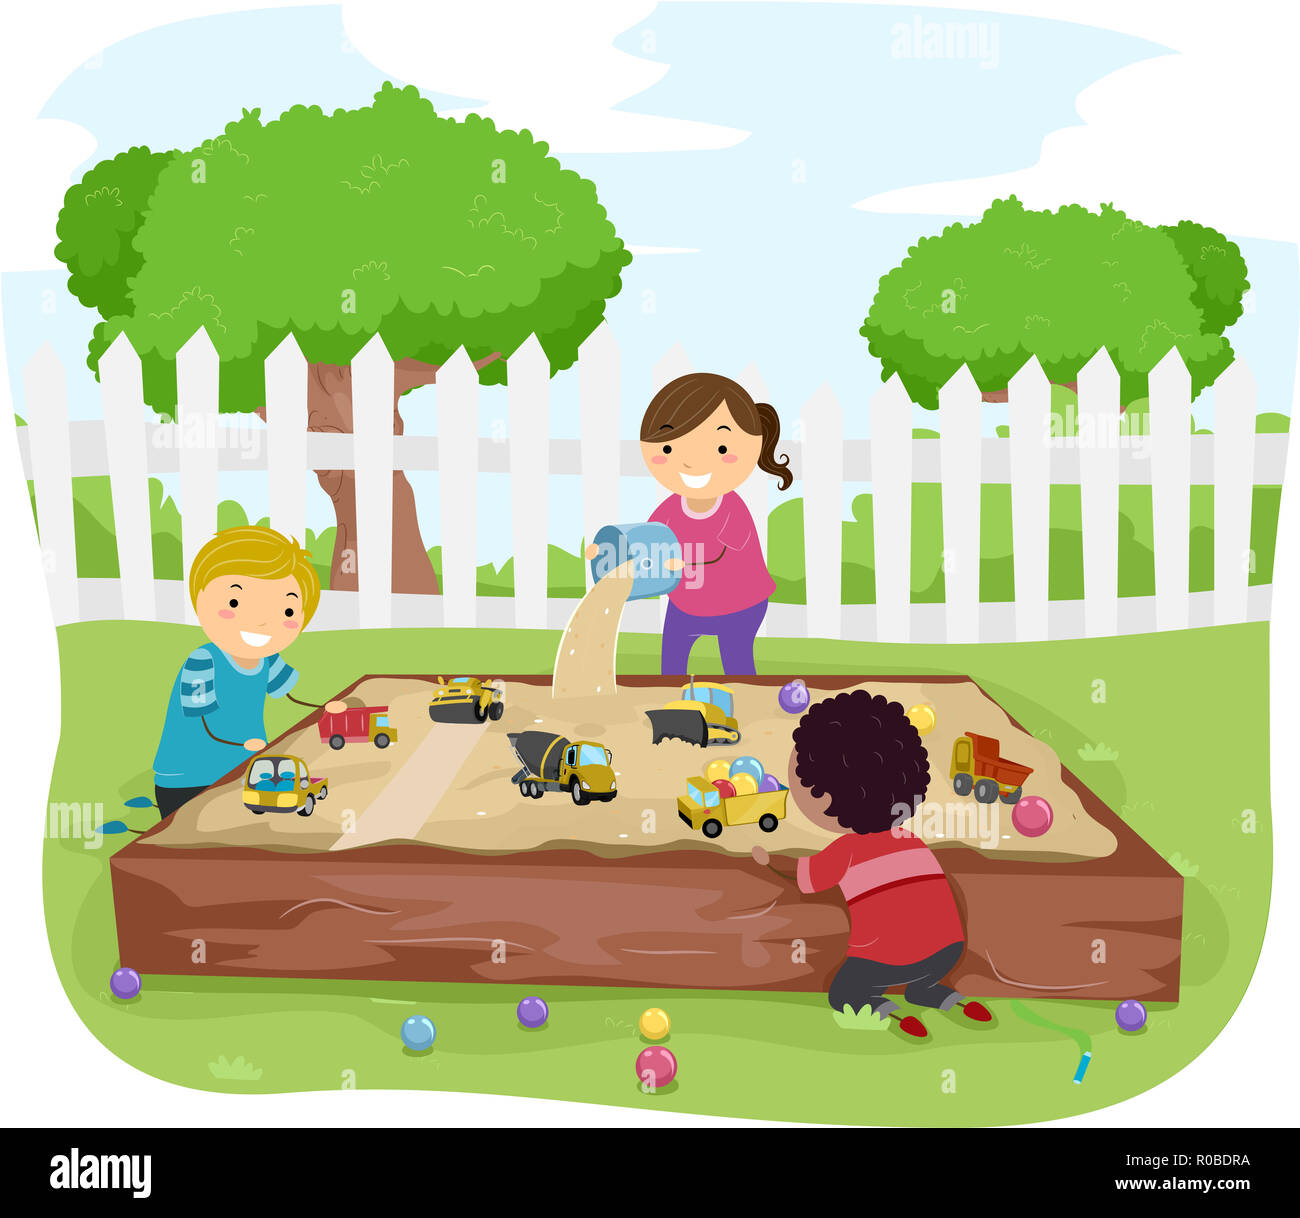 abbildung stickman kinder spielen im sandkasten im garten mit kugeln und spielzeug stockfoto